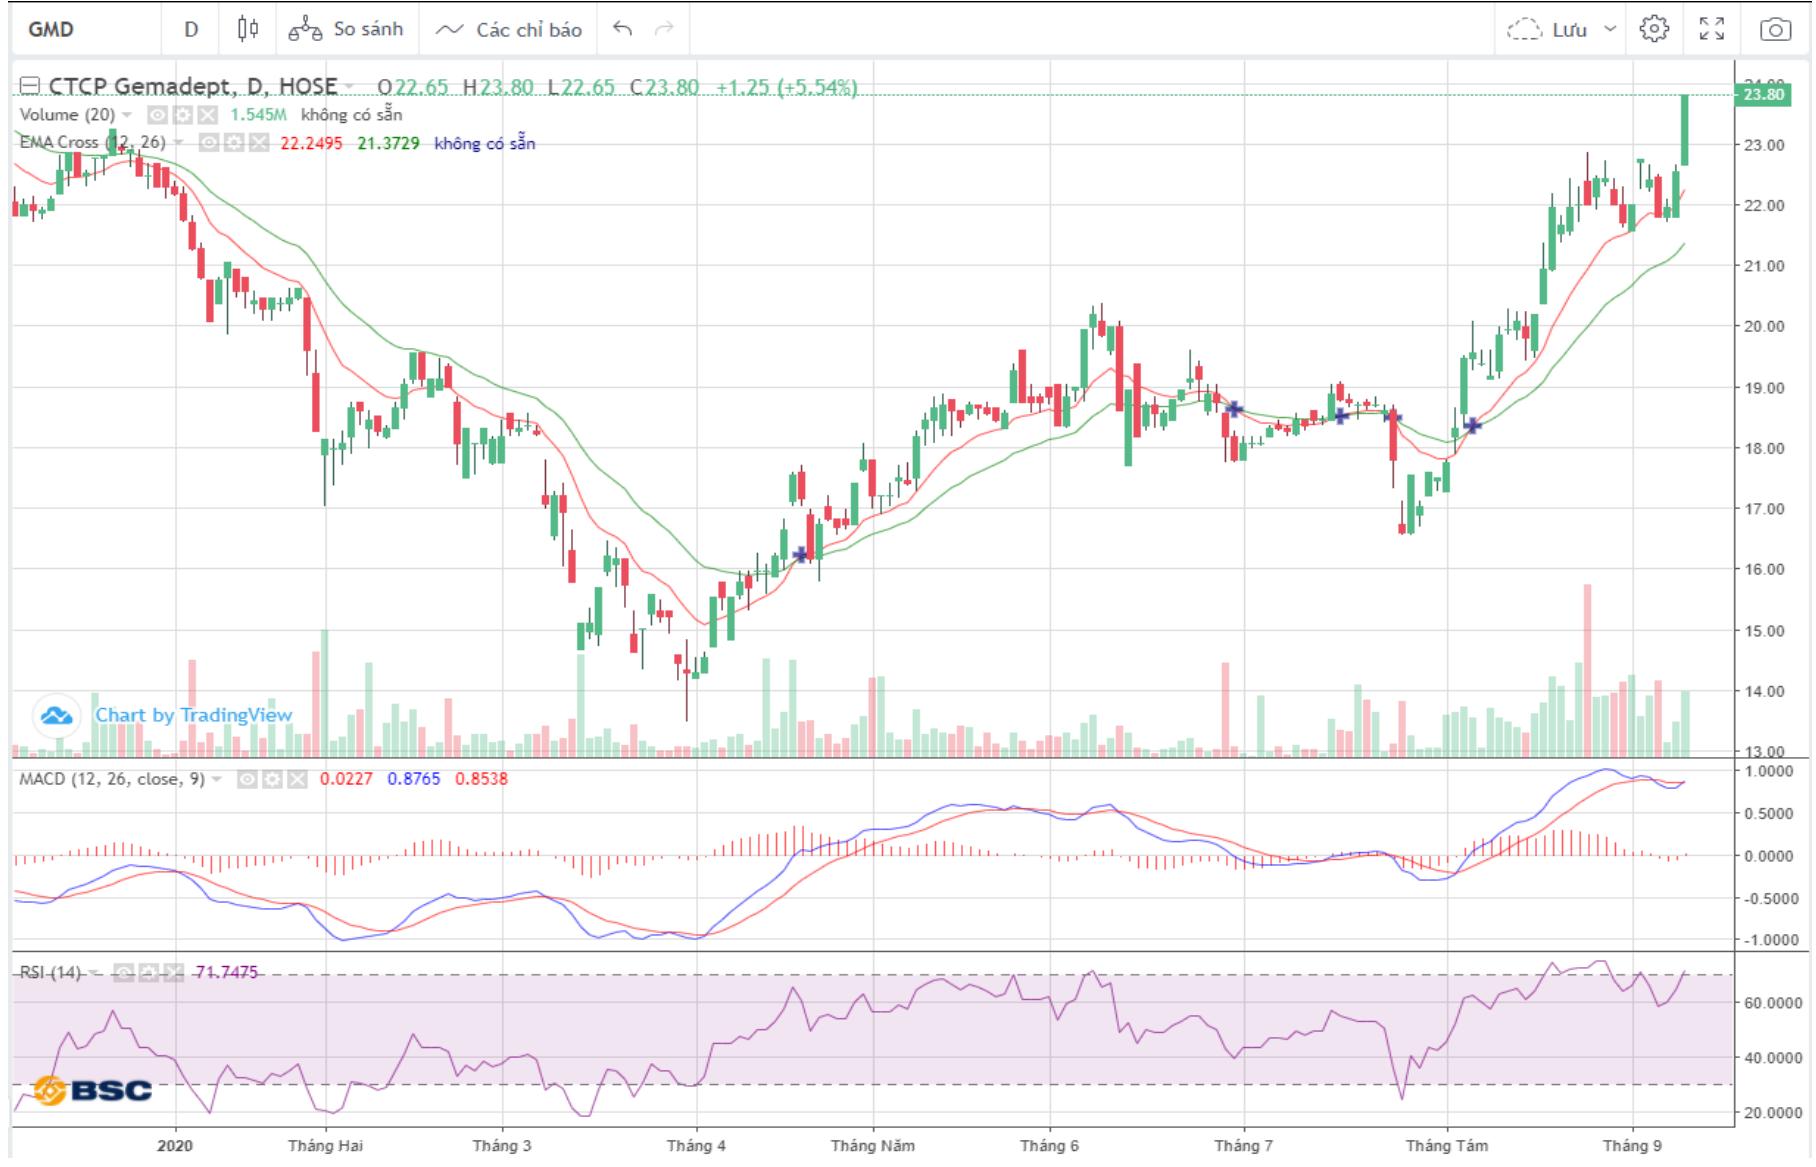 Cổ phiếu tâm điểm ngày 11/9: GMD, ACV, NCT  - Ảnh 1.